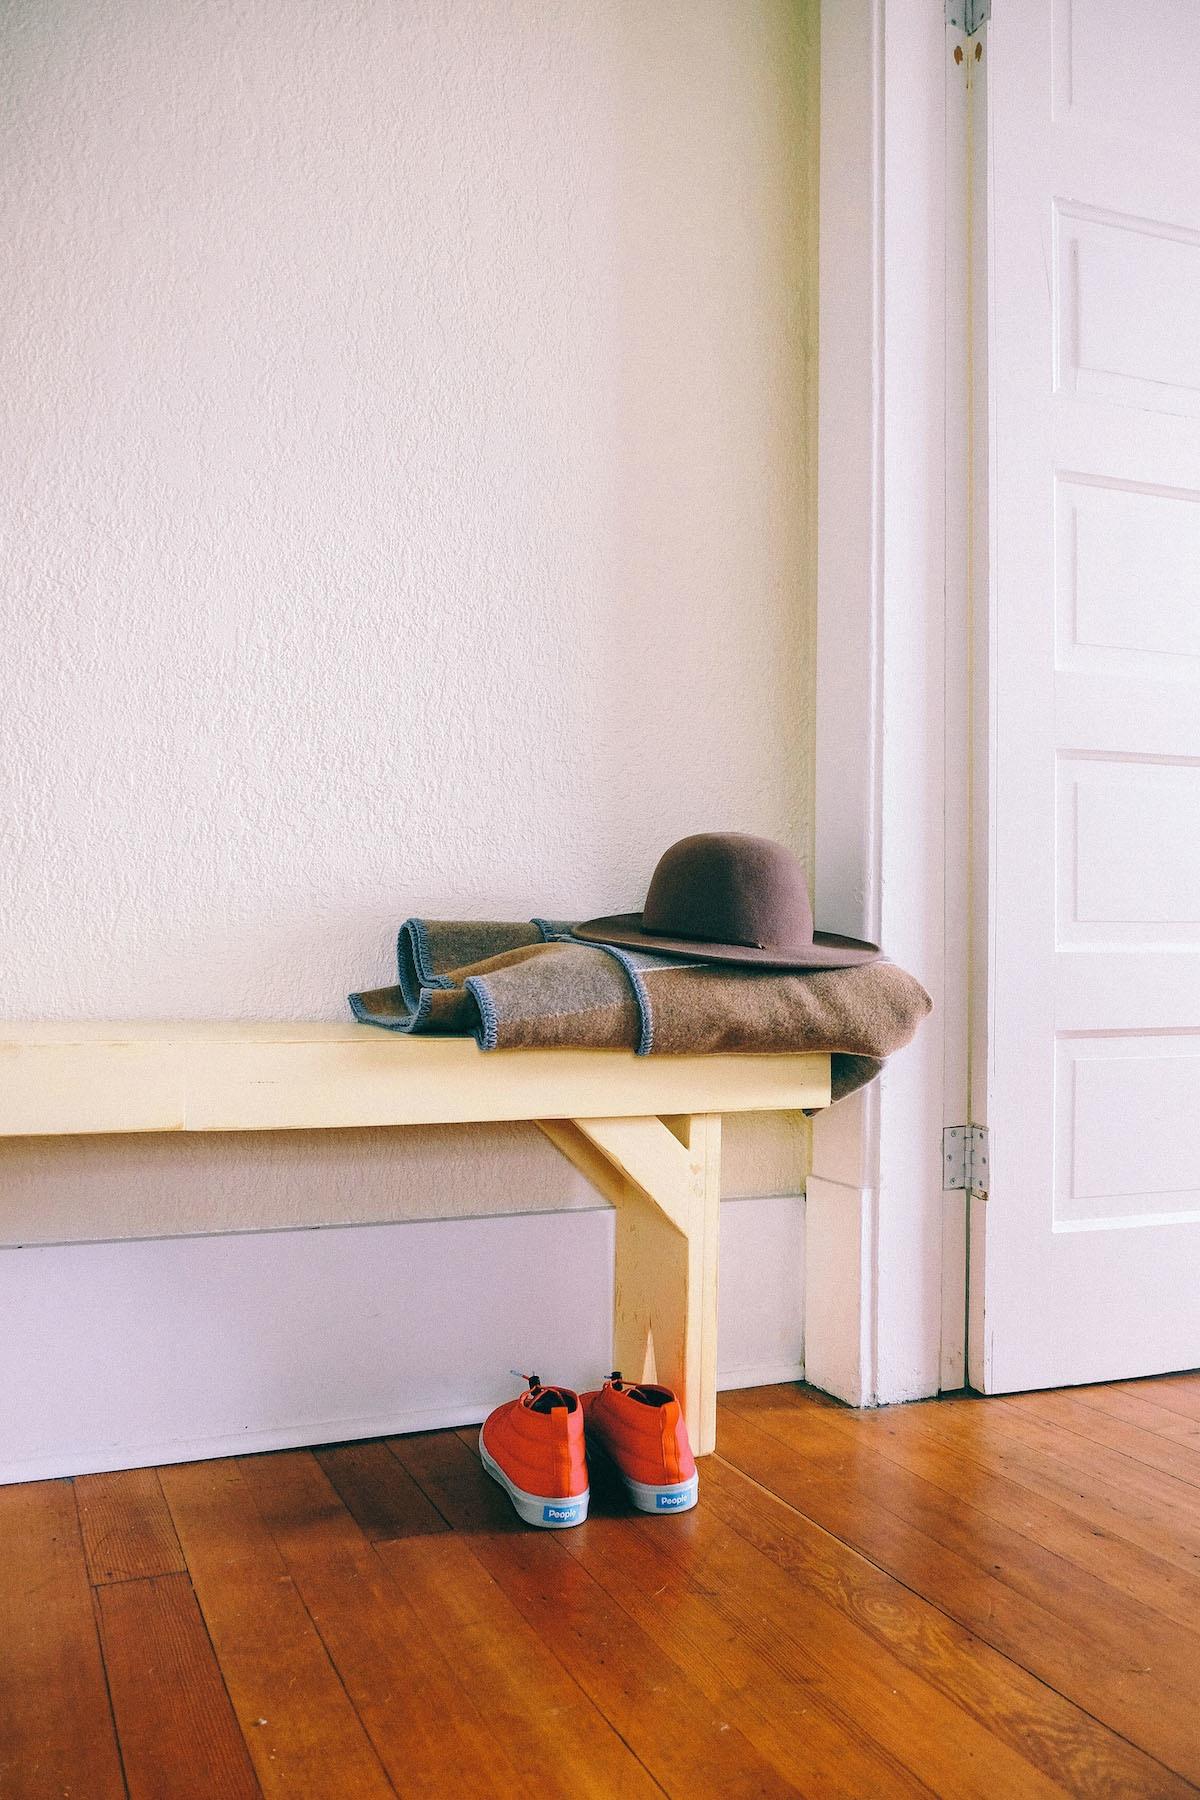 Kostenlose foto : Schreibtisch, Tabelle, Holz, Stock, Regal ...